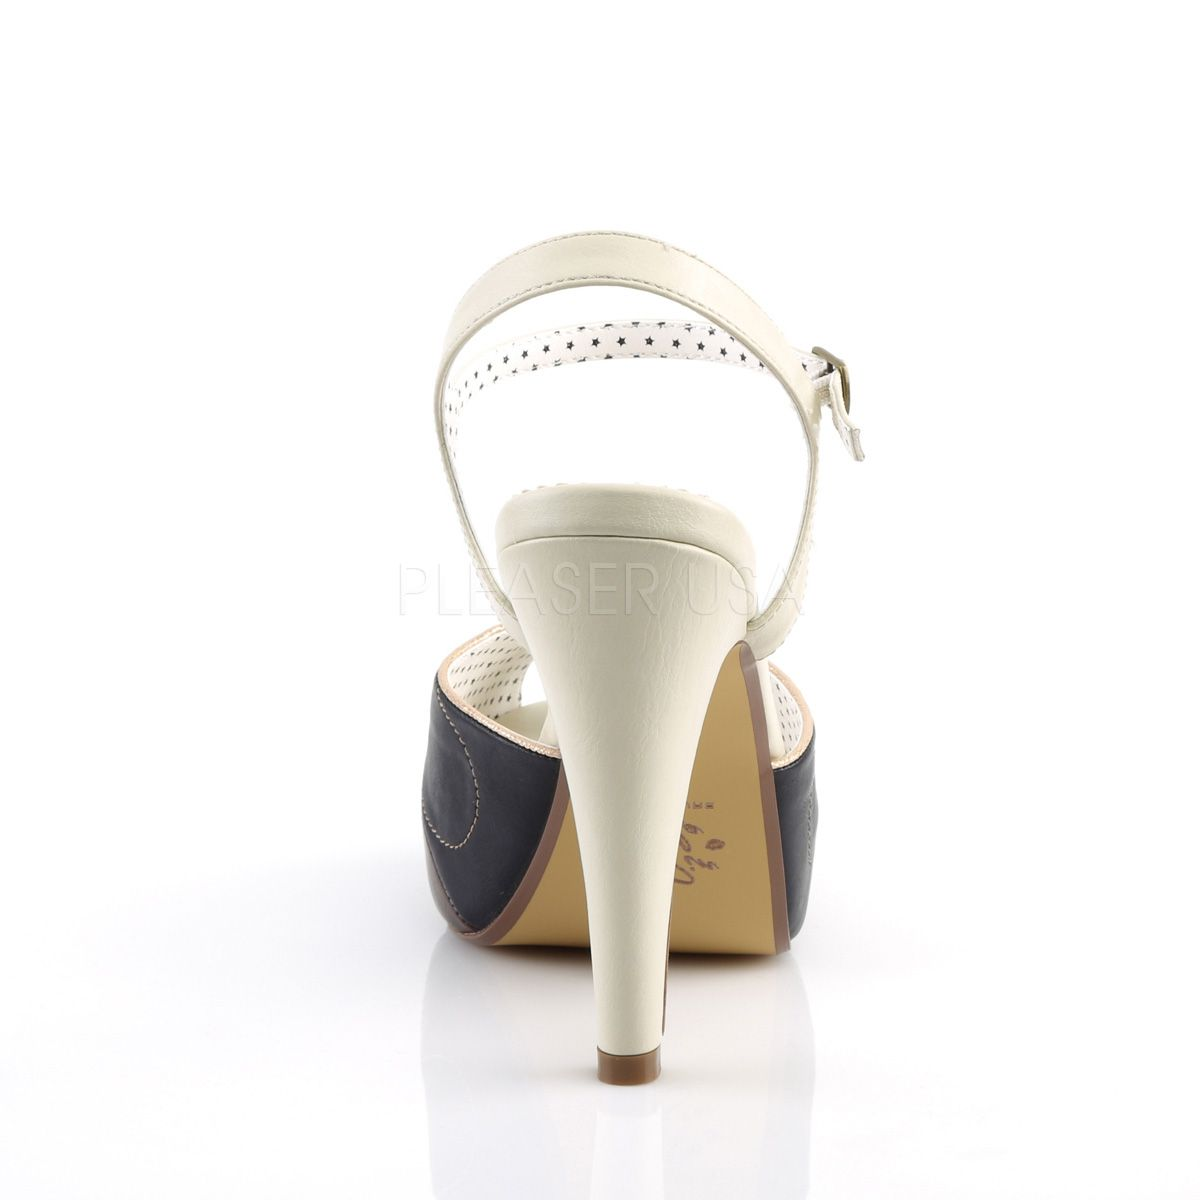 Sandalias americanas de estilo Pin Up multicolor y puntera abierta